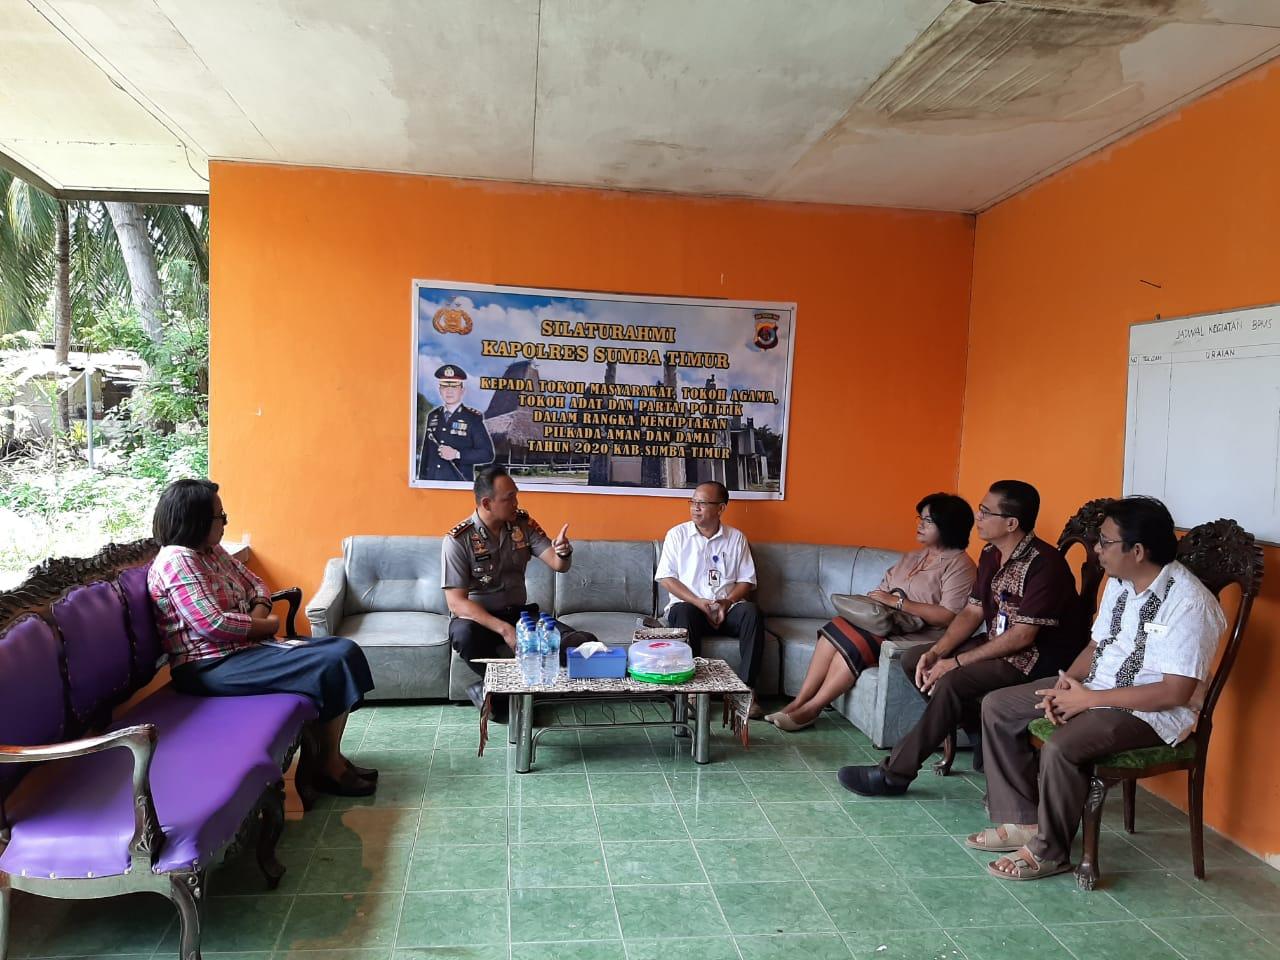 Ketum Sinode GKS Imbau Jemaat Sukseskan Pesta Demokrasi di Kabupaten Sumba Timur